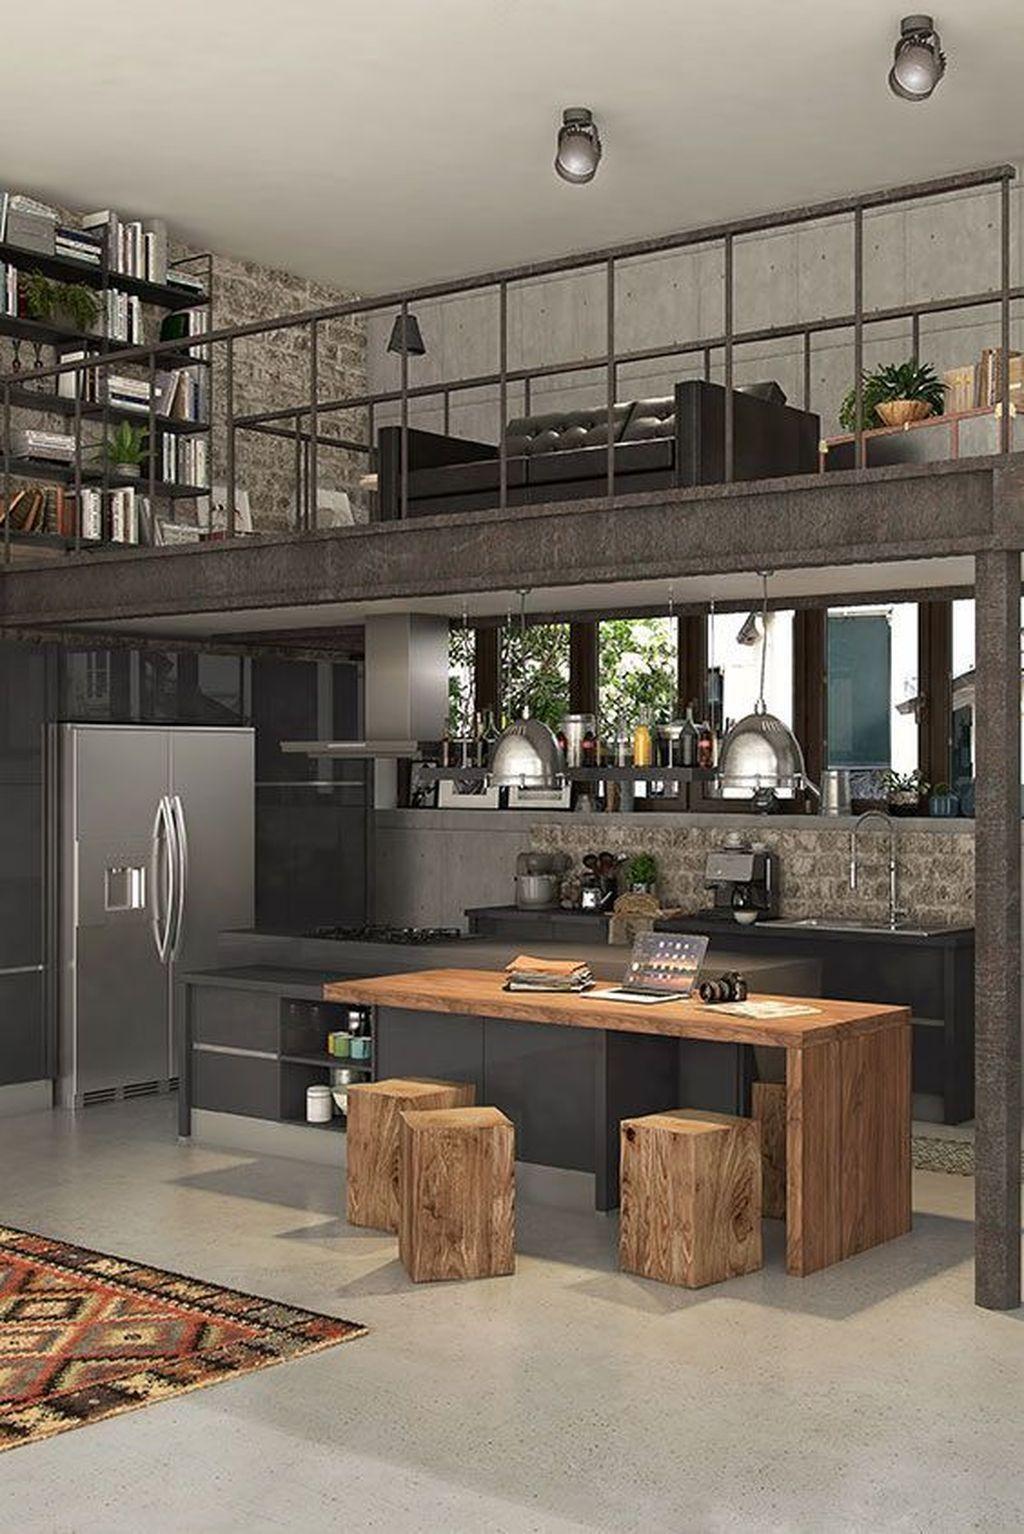 32 The Best Industrial Kitchen Design Ideas 2020 인테리어, 집